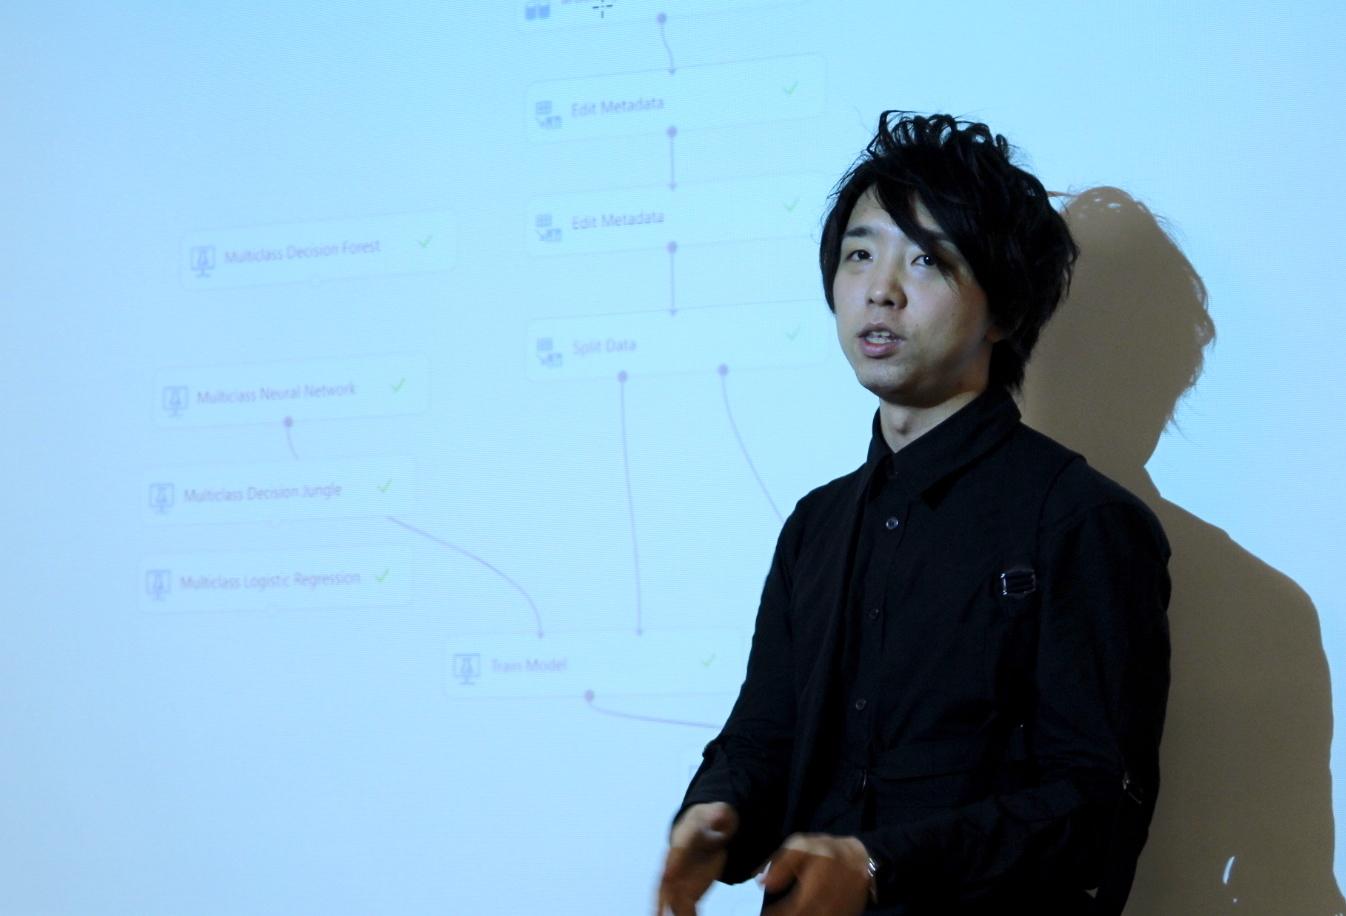 落合陽一さん(筑波大学助教、デジタルネイチャー研究室主宰、コンピュータ研究者、メディアアーティスト)